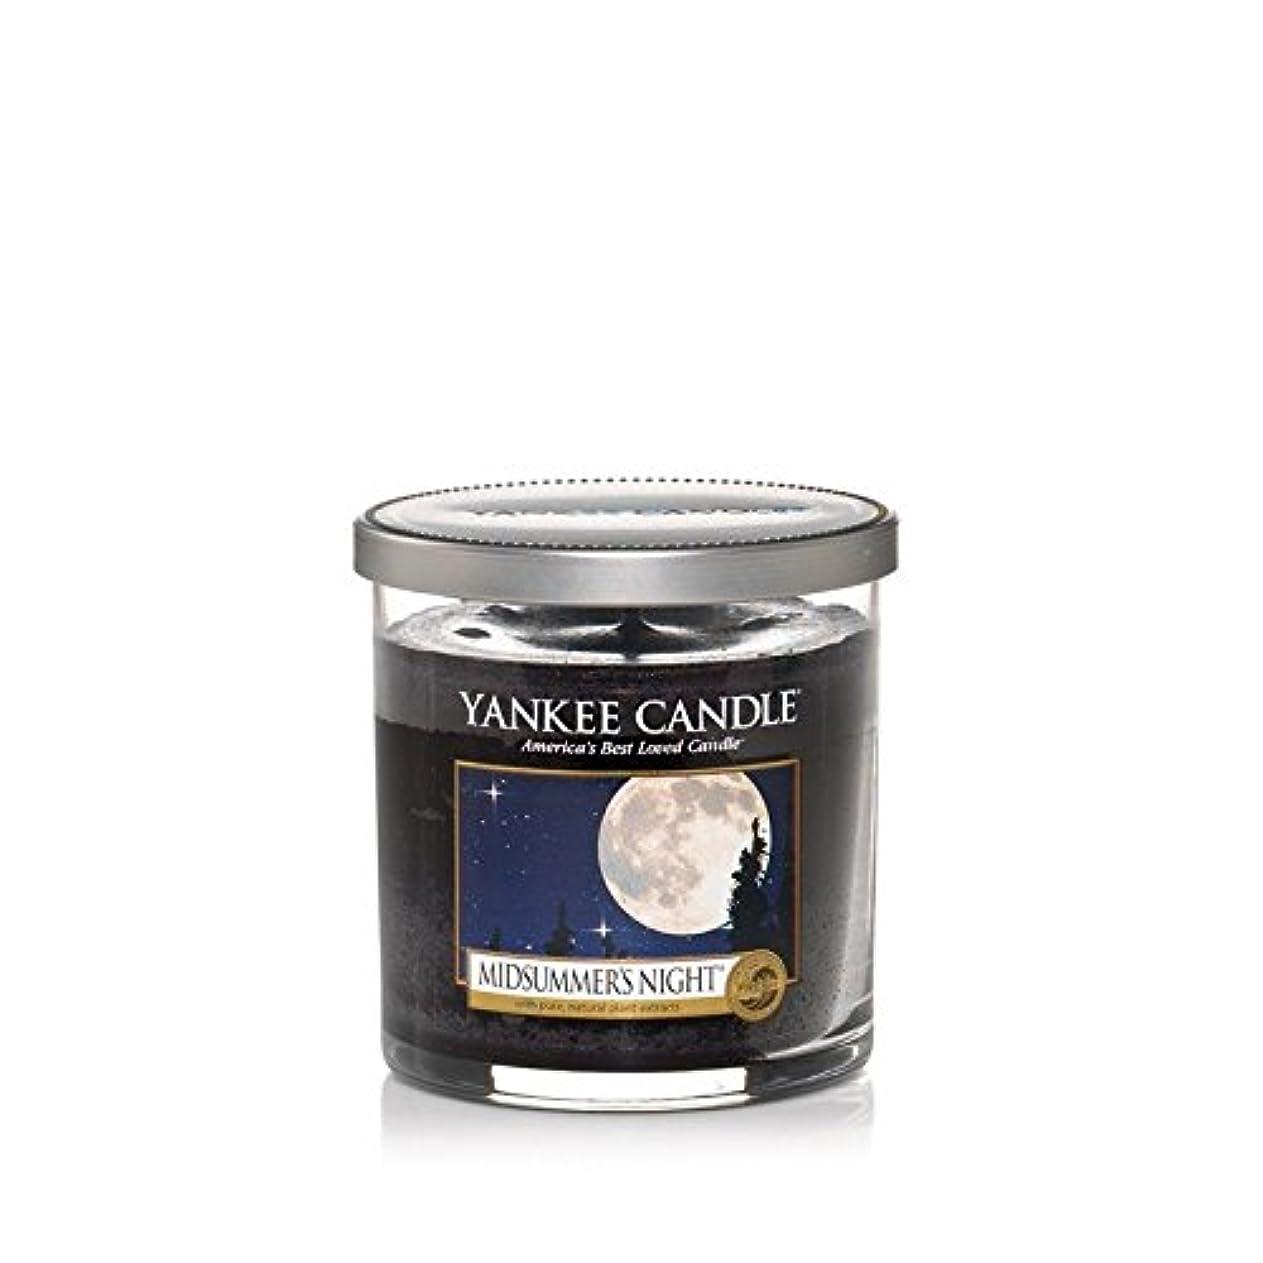 クレデンシャル店主簡略化するYankee Candles Small Pillar Candle - Midsummers Night (Pack of 2) - ヤンキーキャンドルの小さな柱キャンドル - Midsummers夜 (x2) [並行輸入品]